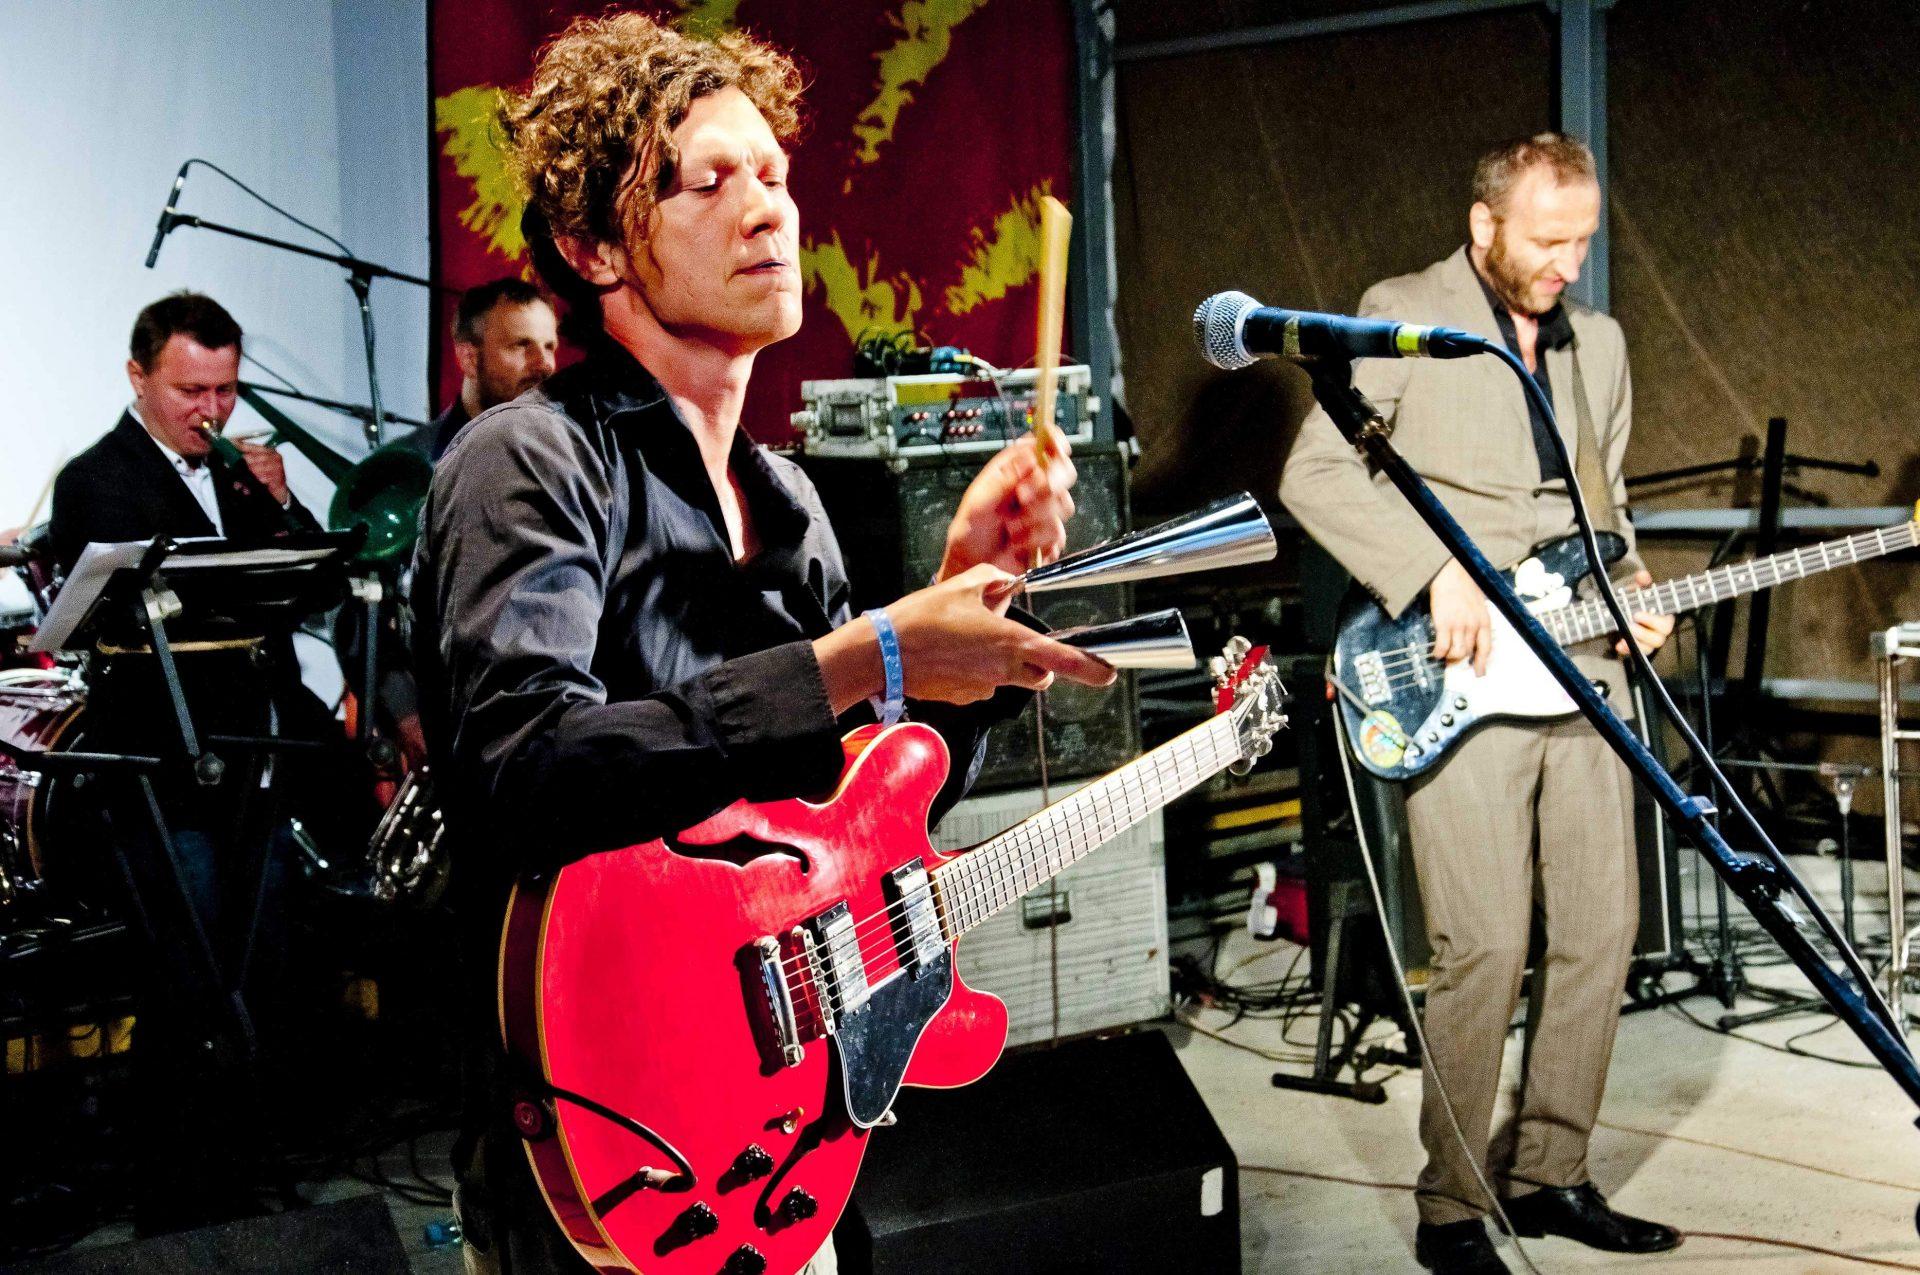 Четверо музикантів виступають на сцені фестивалю в Унежі, в одного із них гітара висить через плече, а у руці він тримає агого, на якому грає, інший музикант у костюмі грає на бас-гітарі